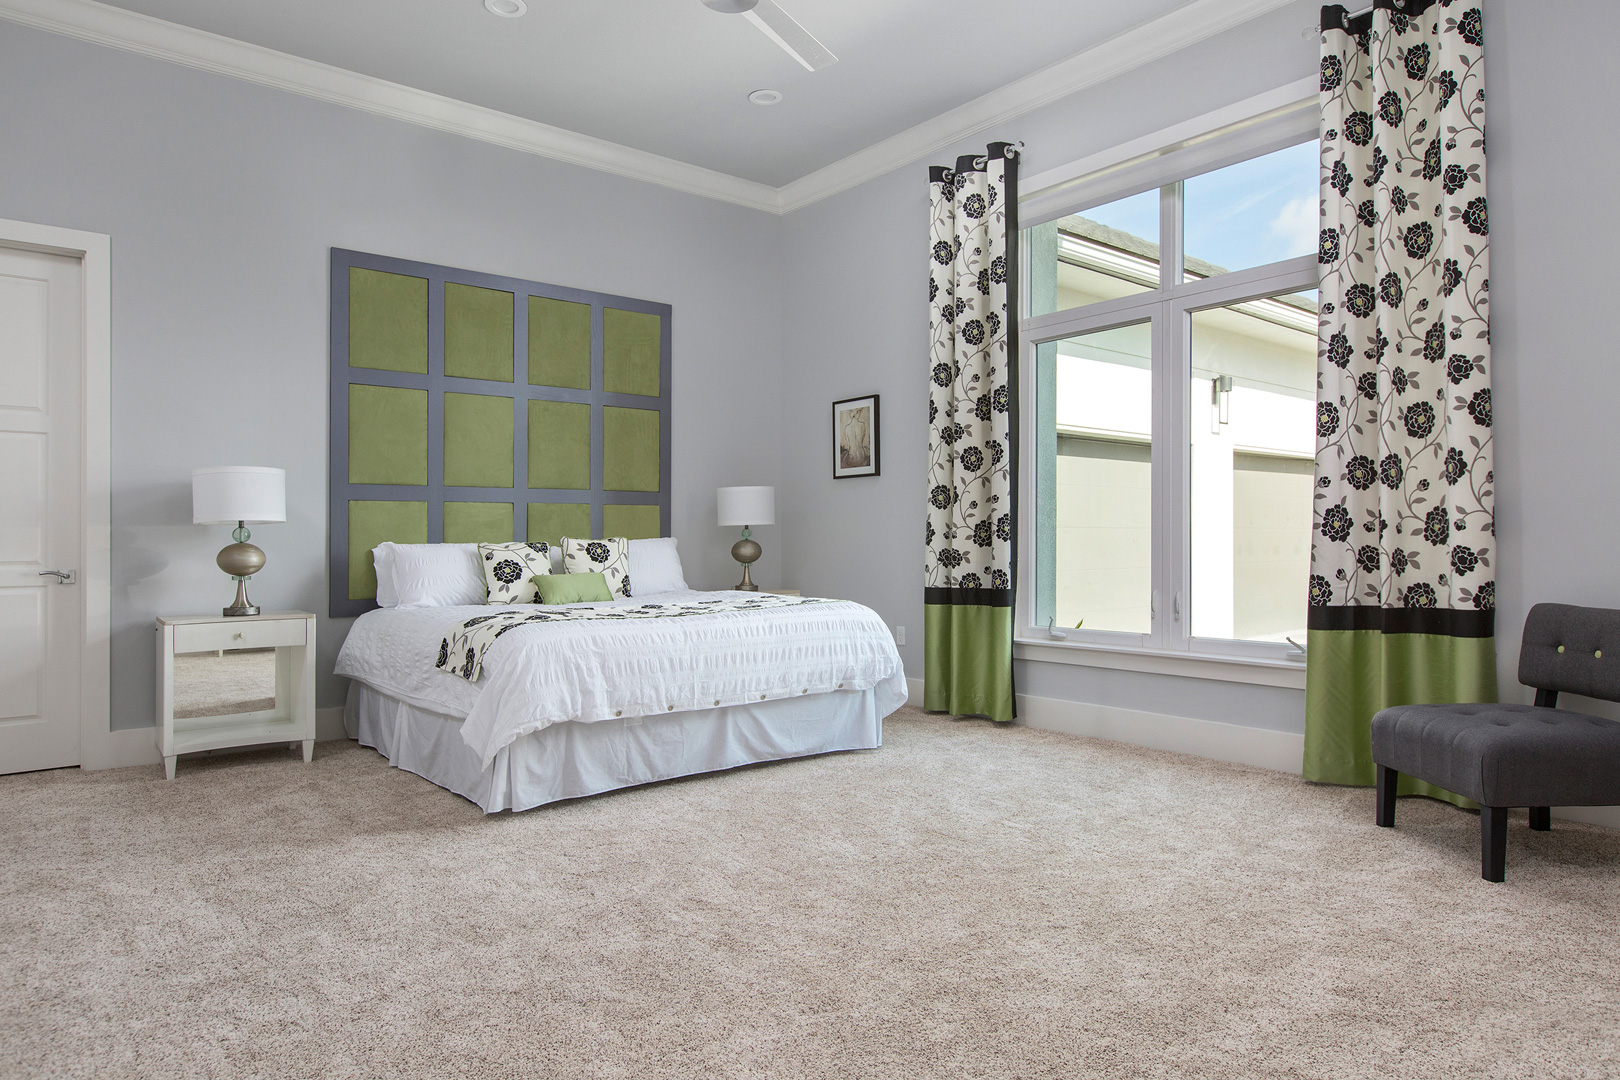 Bedrooms44